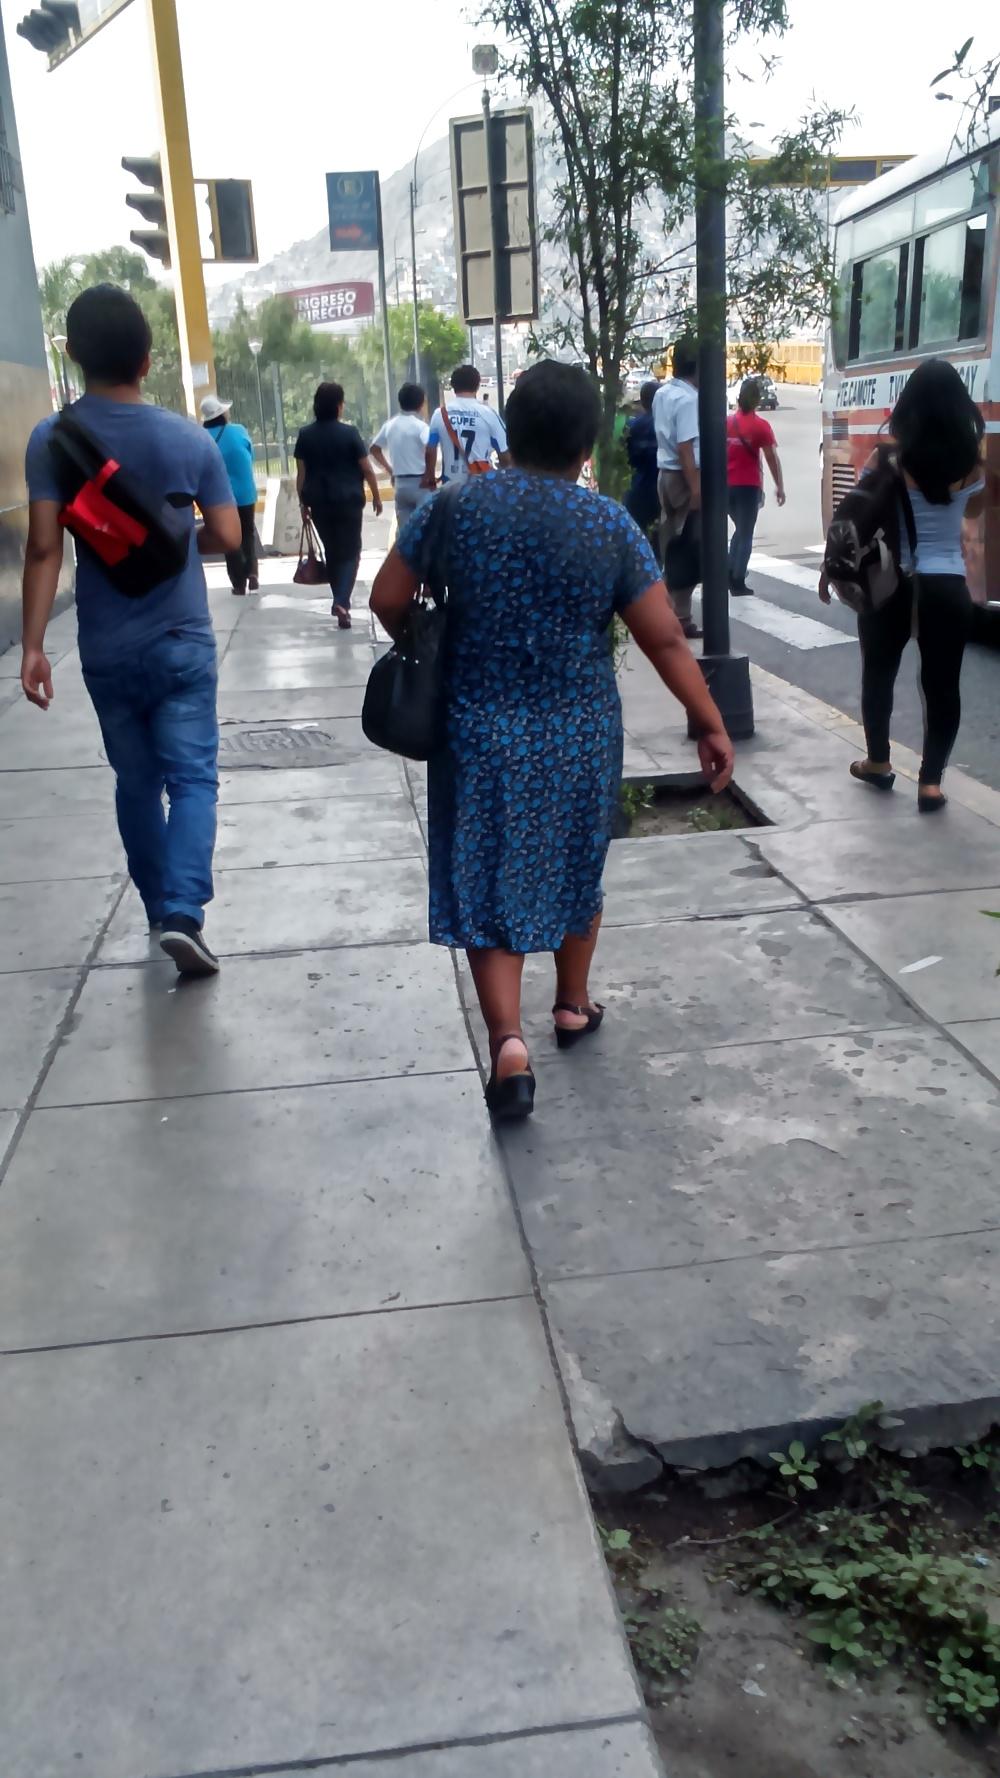 Ancianas Culonas abuelas culonas que provocan - 18 pics | xhamster